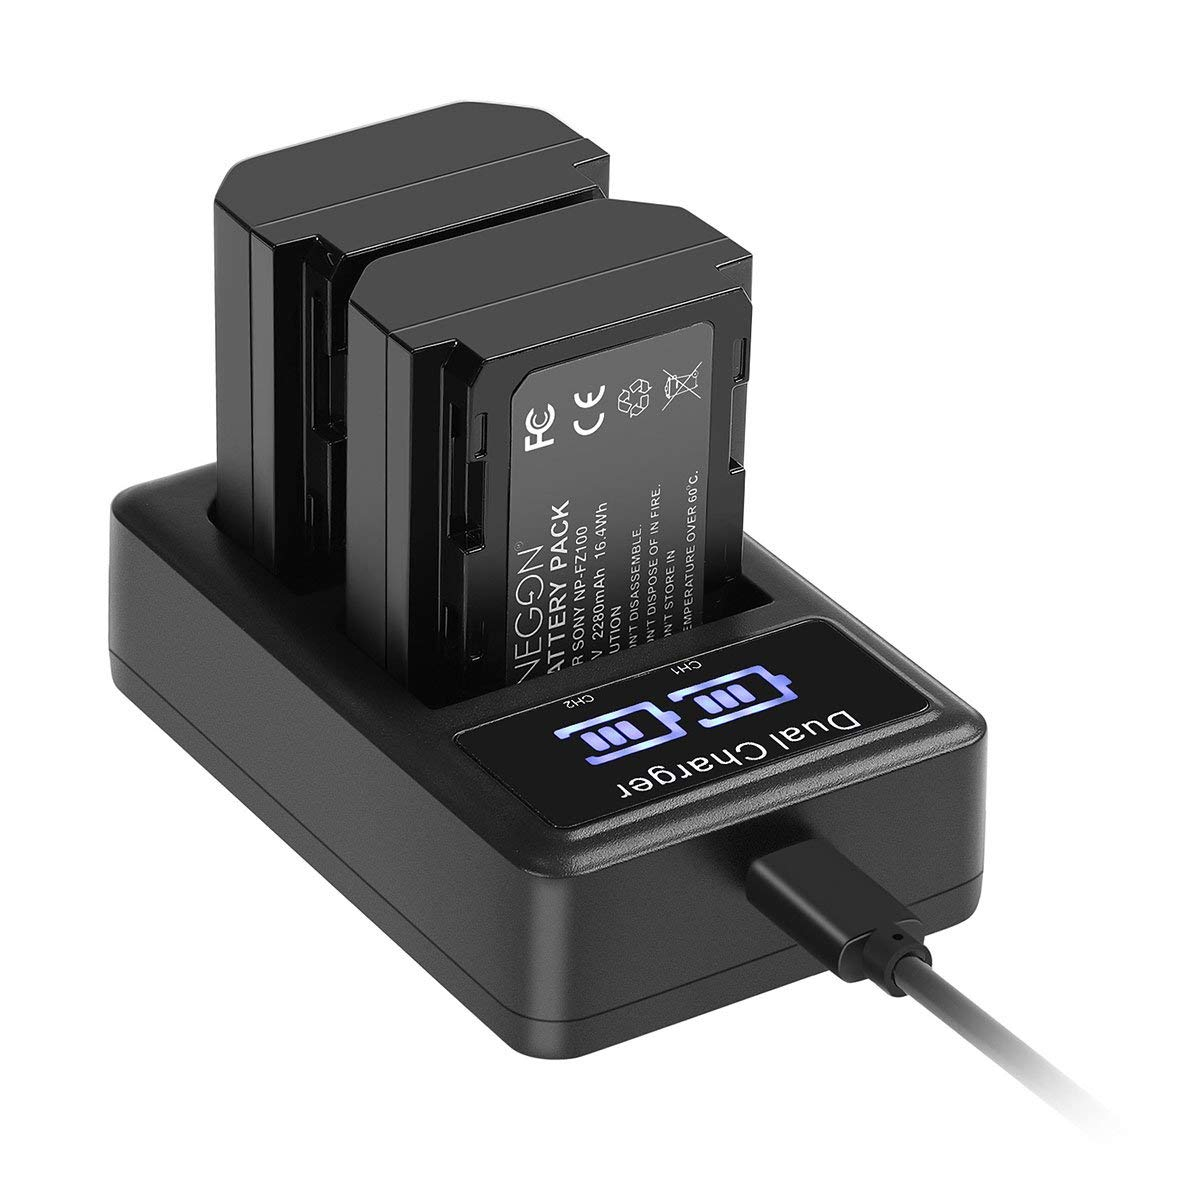 Batería de Repuesto ENEGON (Paquete de 2) y Smart LED Cargador Dual USB para Sony NP-FZ100 y Sony Alpha 9 / 9S / 9R, Sony A9 / A9R, Sony A7R III A7R3, ...